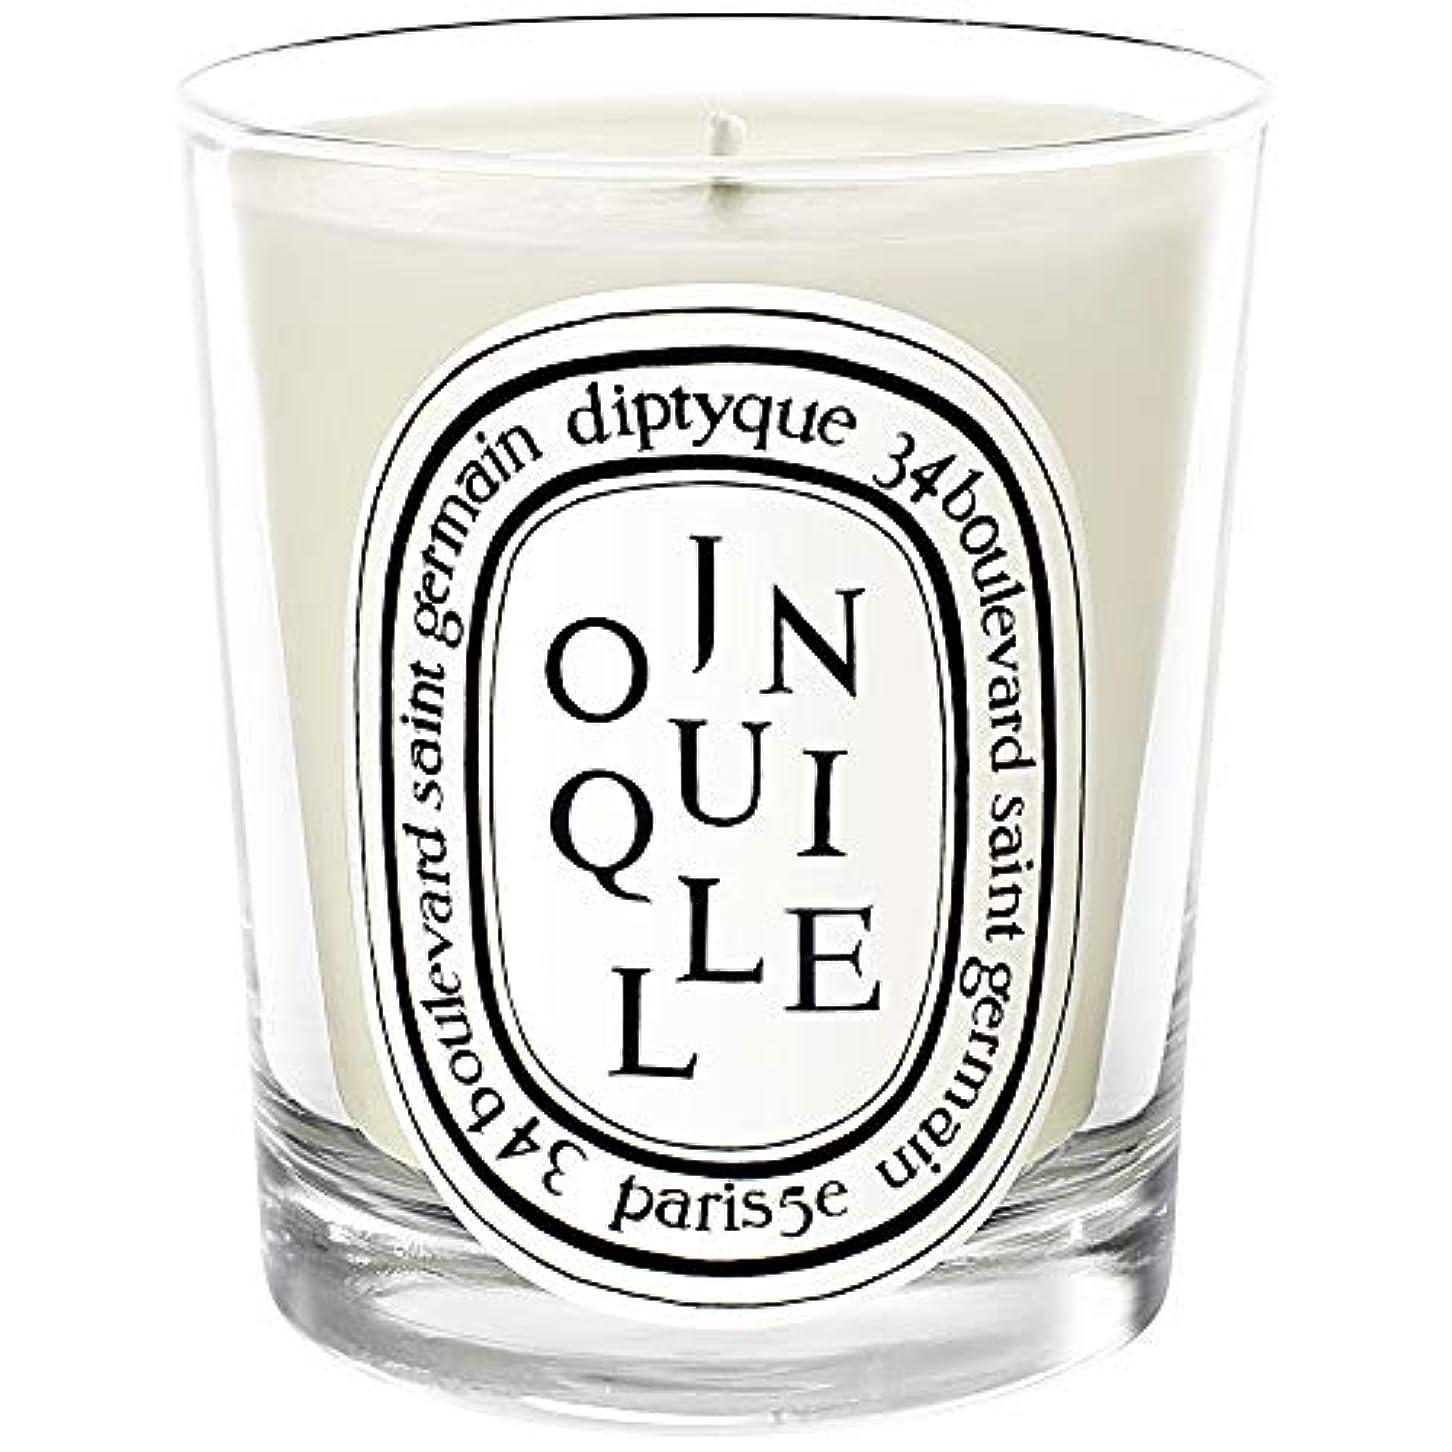 スケッチリットル自動的に[Diptyque] Diptyque Jonquilleキャンドル190グラム - Diptyque Jonquille Candle 190g [並行輸入品]